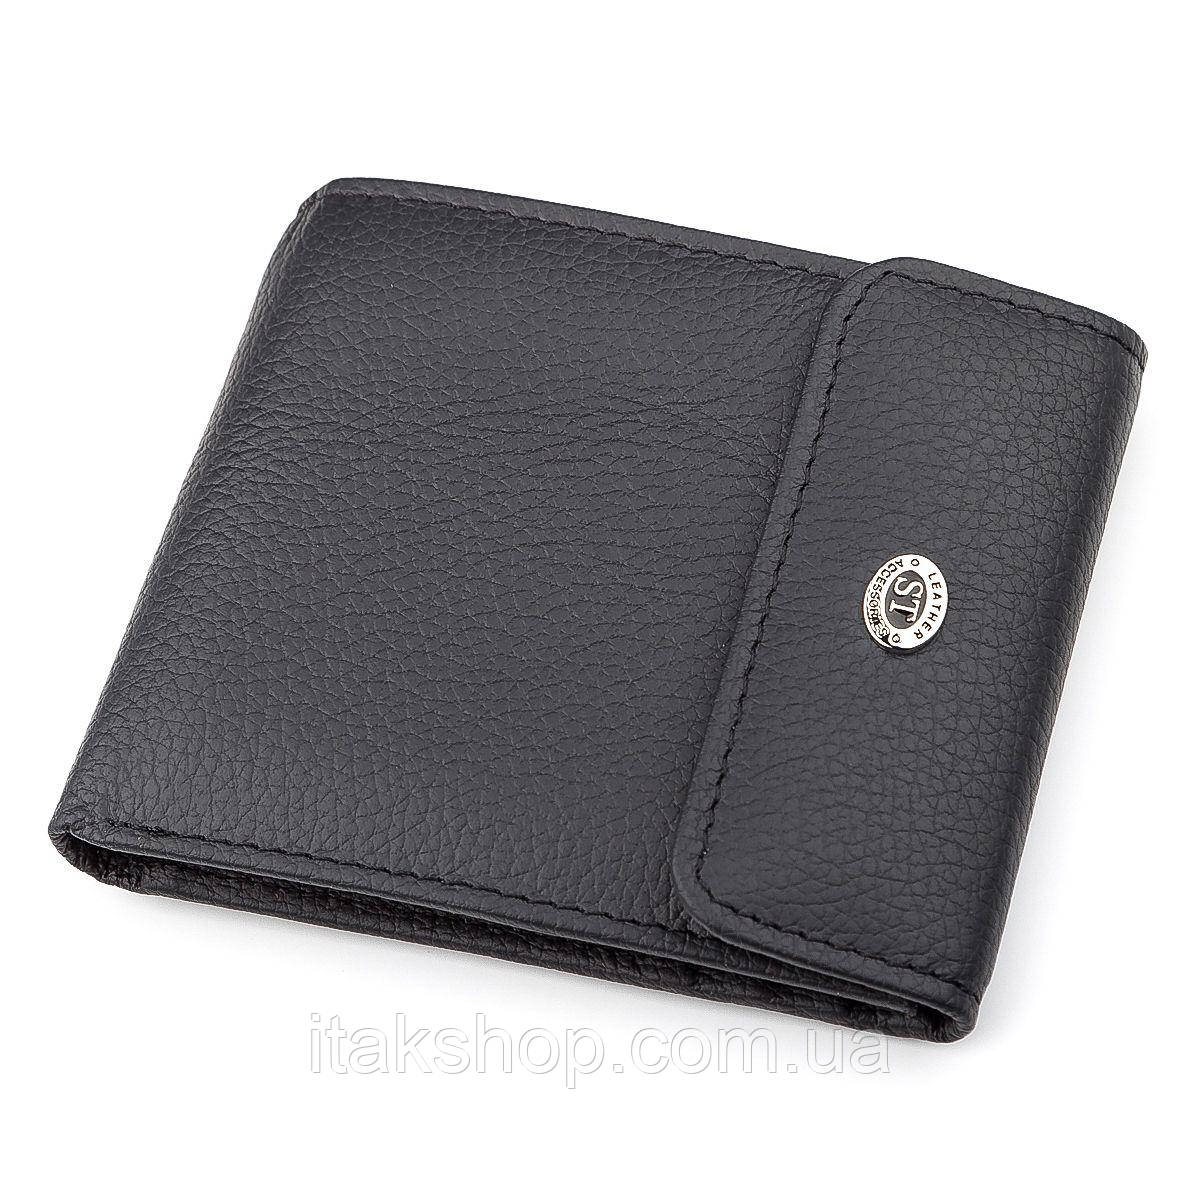 Кошелек ST Leather 18313 (ST155) кожаный Черный, Черный